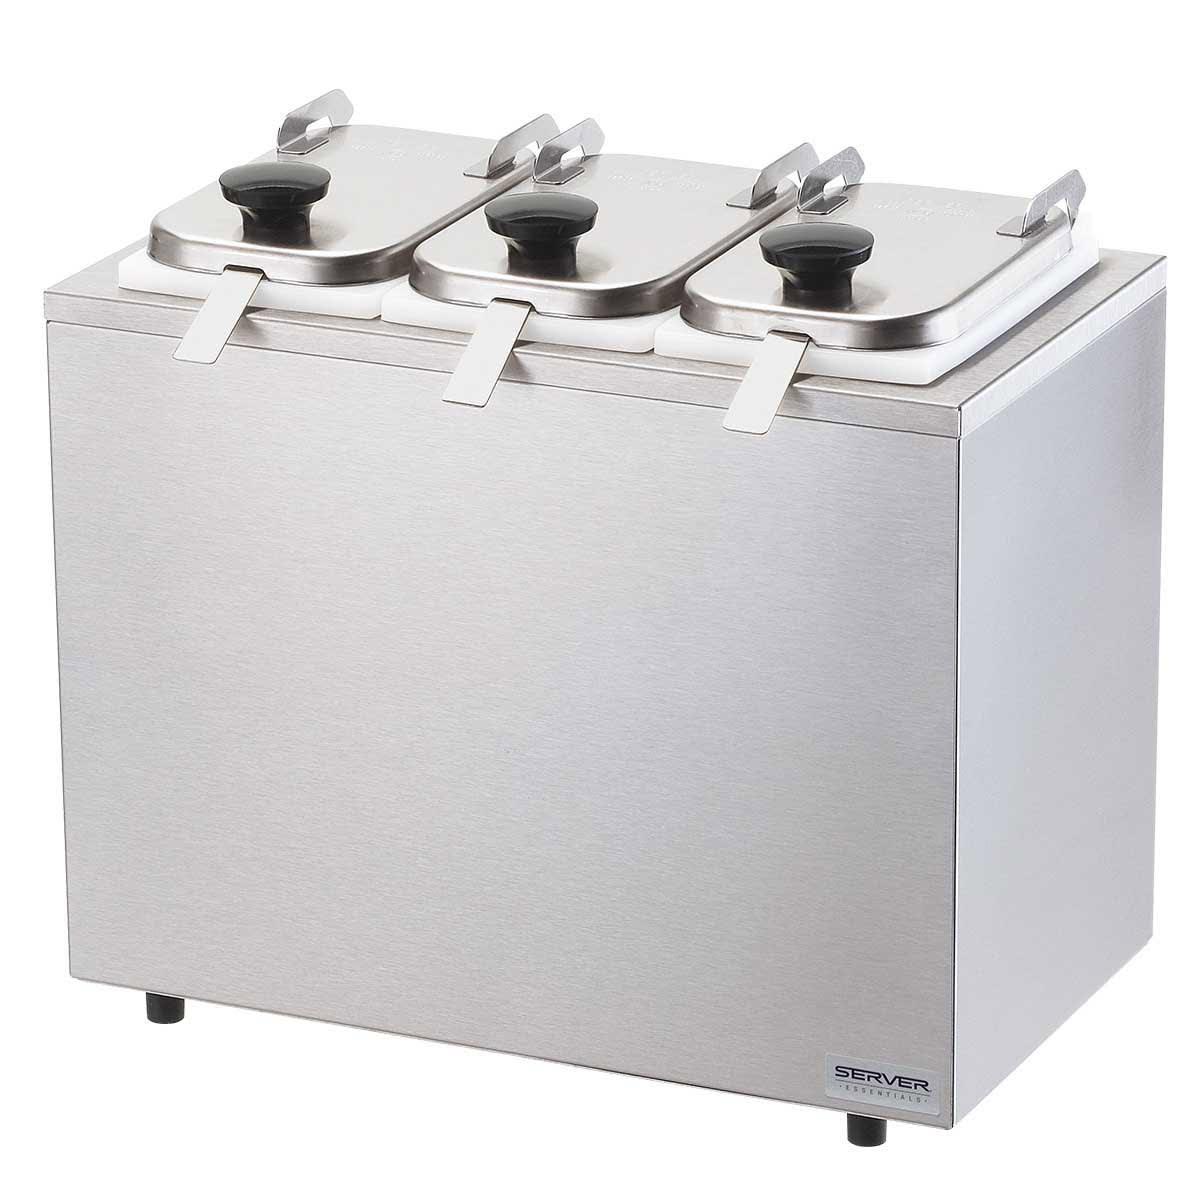 Server 80510 Dipper-Style Topping Dispenser w/ (3) 1-oz Ladles, Stainless